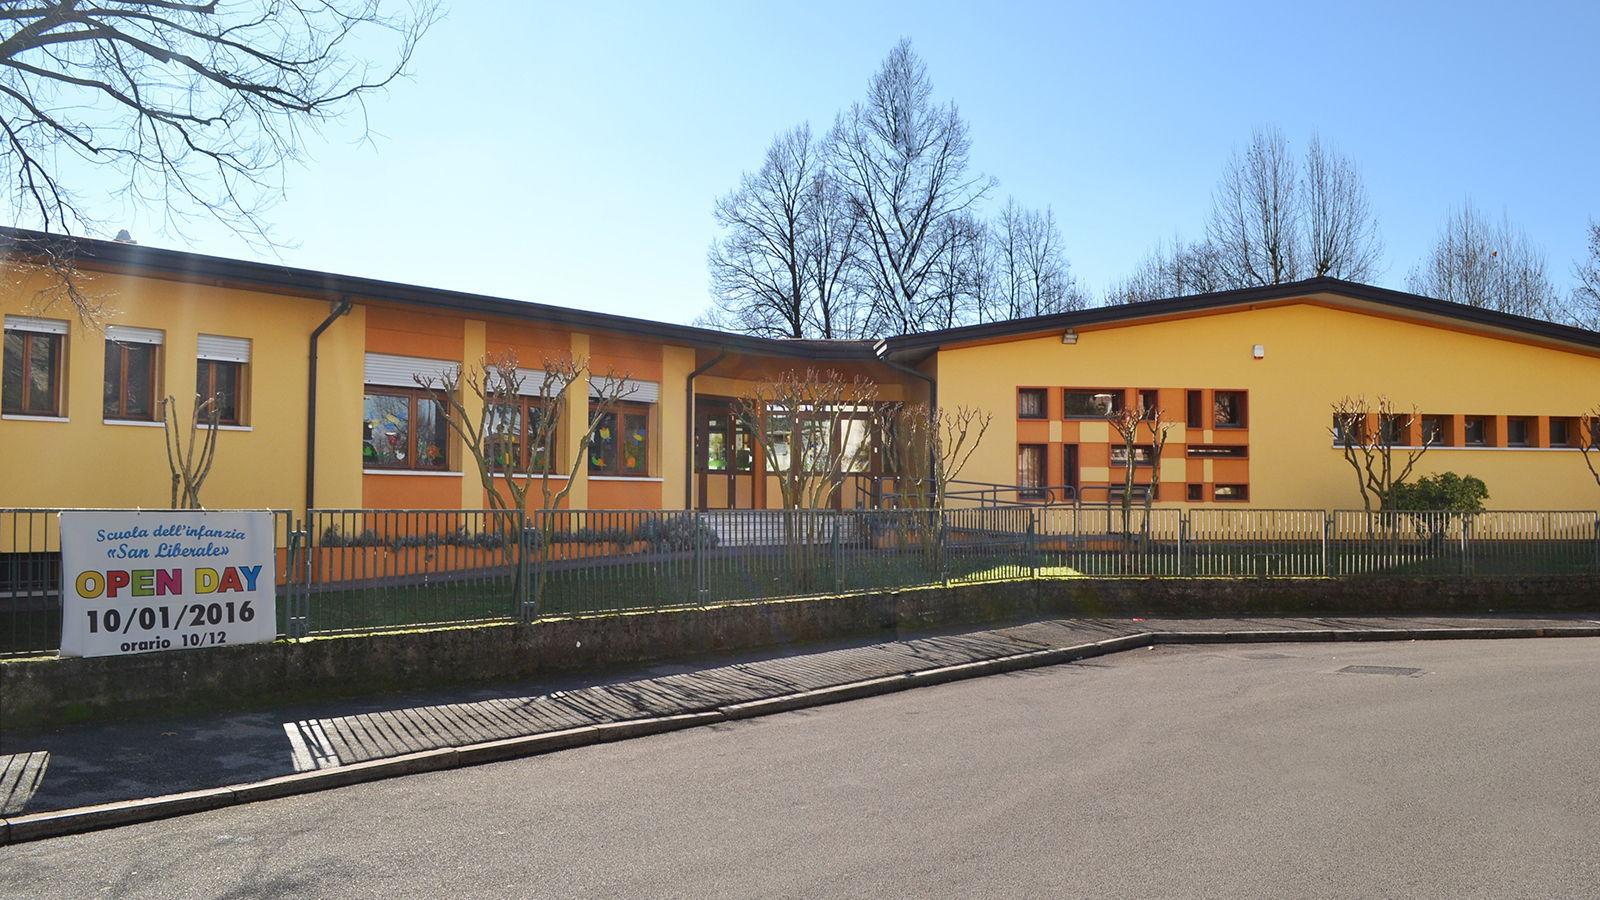 Scuola Infanzia San Liberale - Treviso